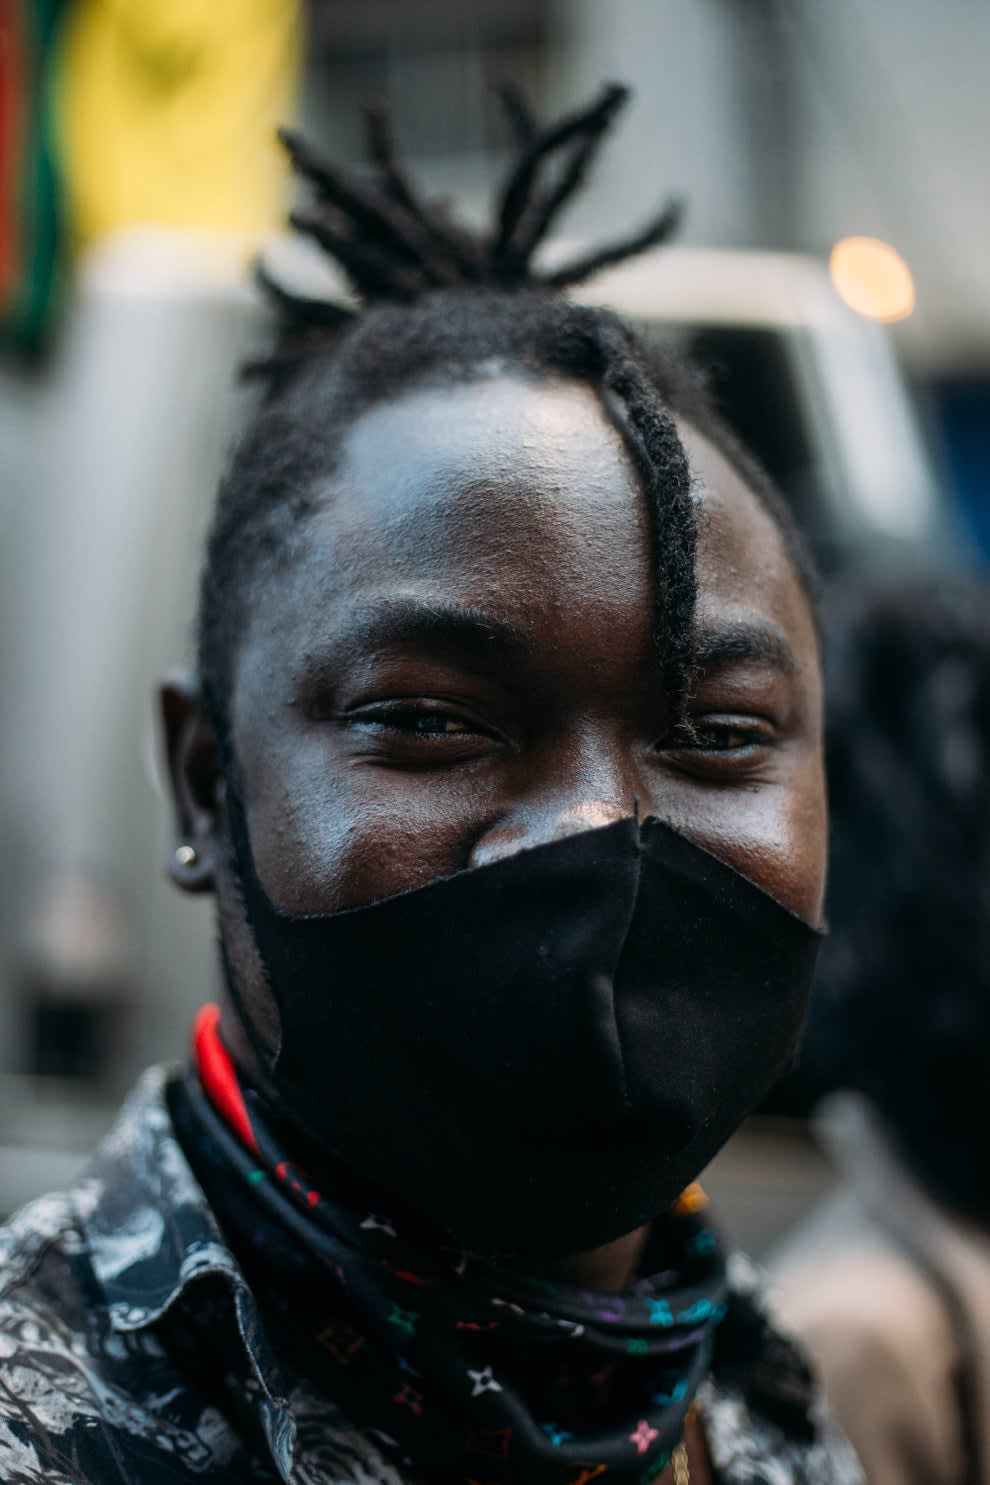 Homem jovem negro usando máscara preta e dreadlocks curtos.